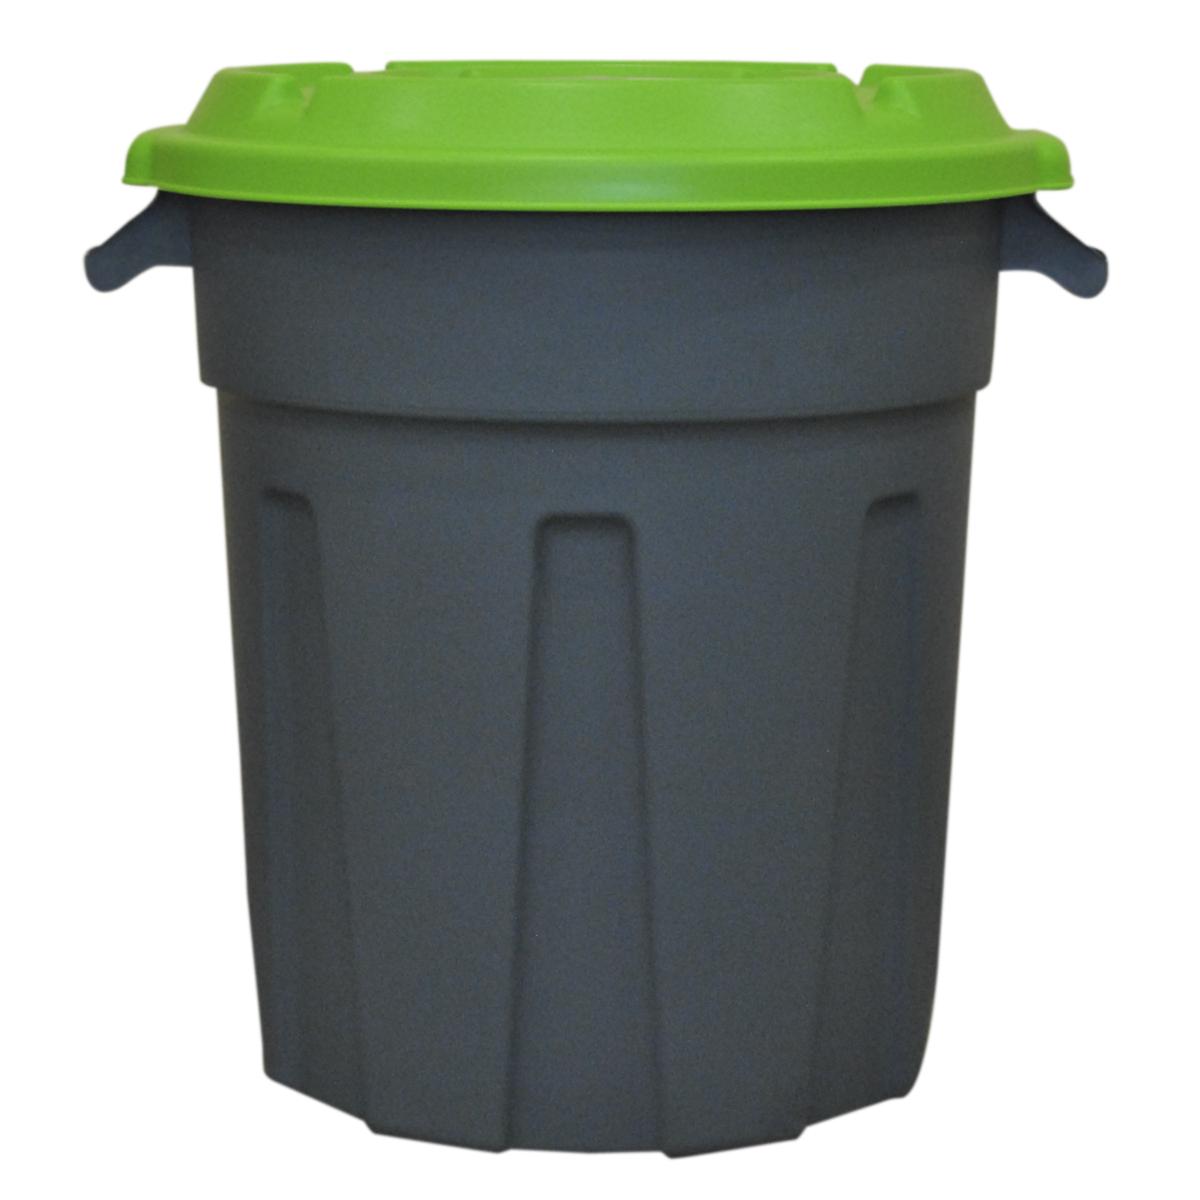 Мусорный бак InGreen, с крышкой, 80 л787502Пластиковый мусорный бак InGreen предназначен для применения в быту. Изготовлен из материала, обеспечивающего изделию повышенную прочность. Крышка бака обеспечивает плотное закрывание. На дне бака предусмотрена площадка для установки колес.Размер изделия: 57,3 х 50,2 х 67,5 см.